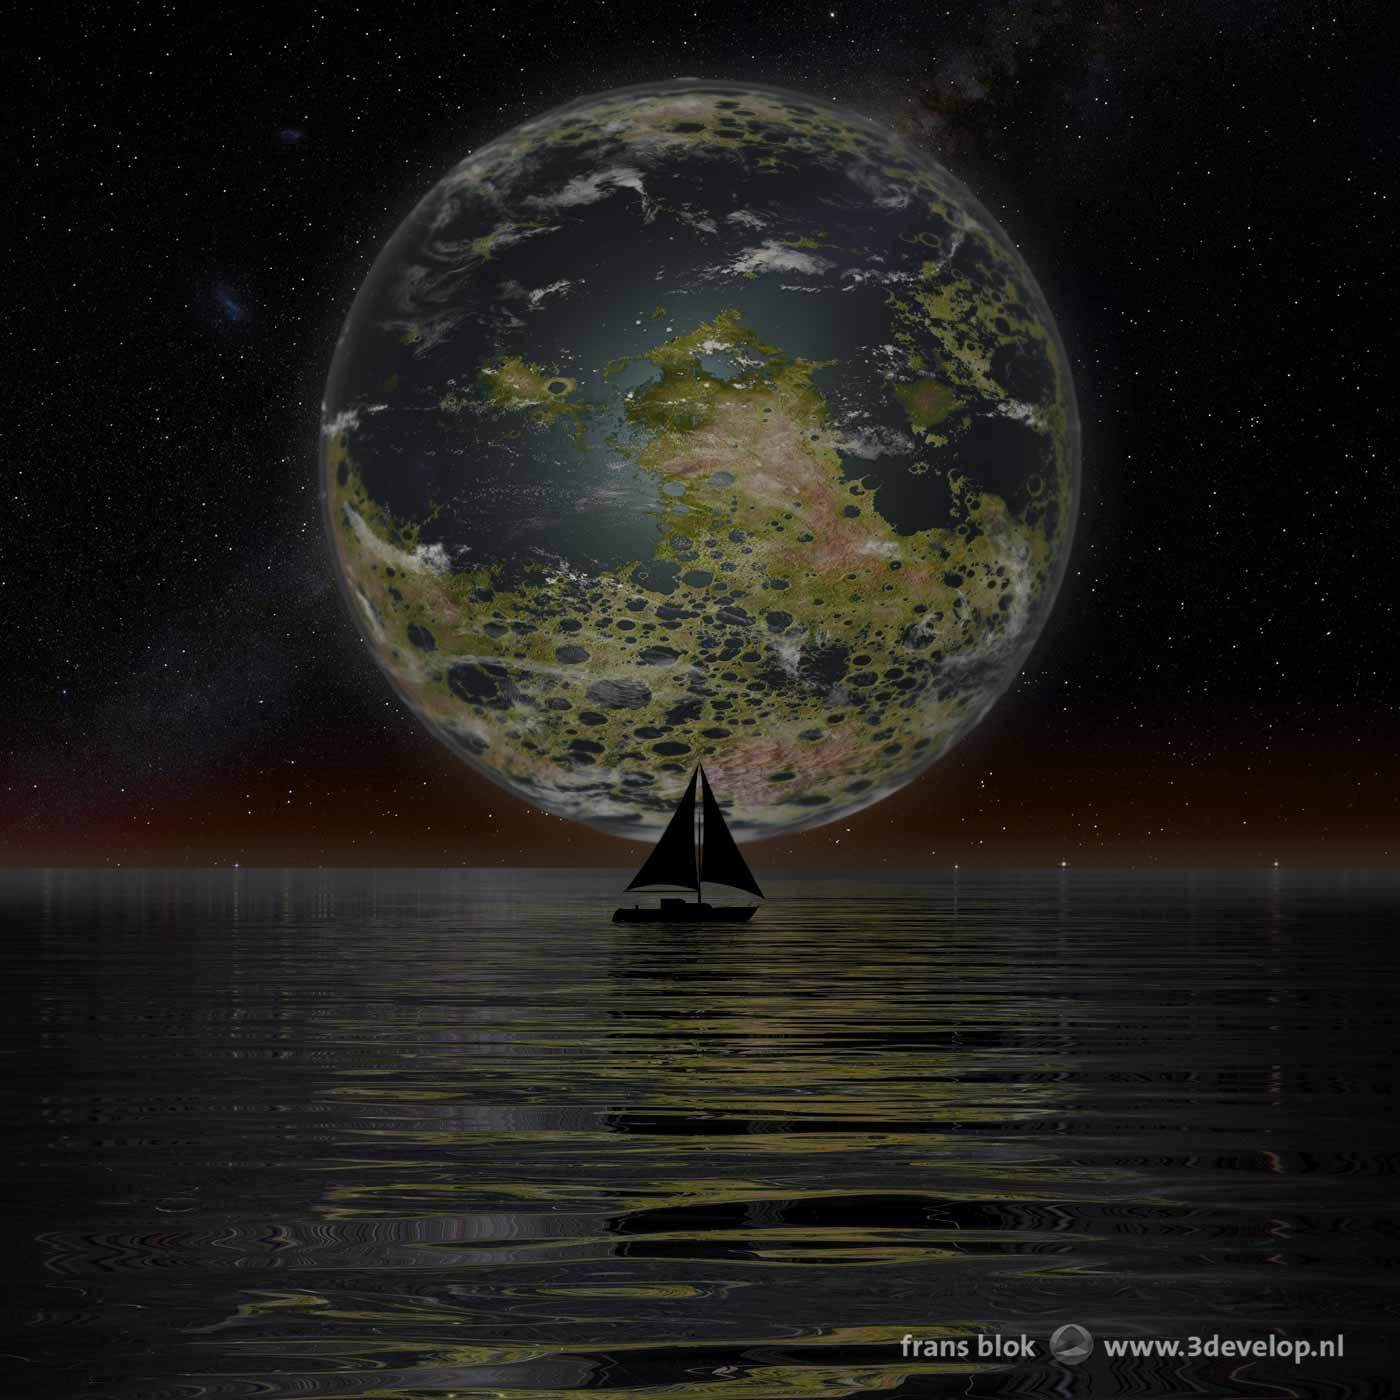 Sfeervol nachtelijk plaatje van een geterraformde Maan, laag boven de horizon, die zijn groengele licht laat schijnen op een licht golvende watervlakte met een zeilboot